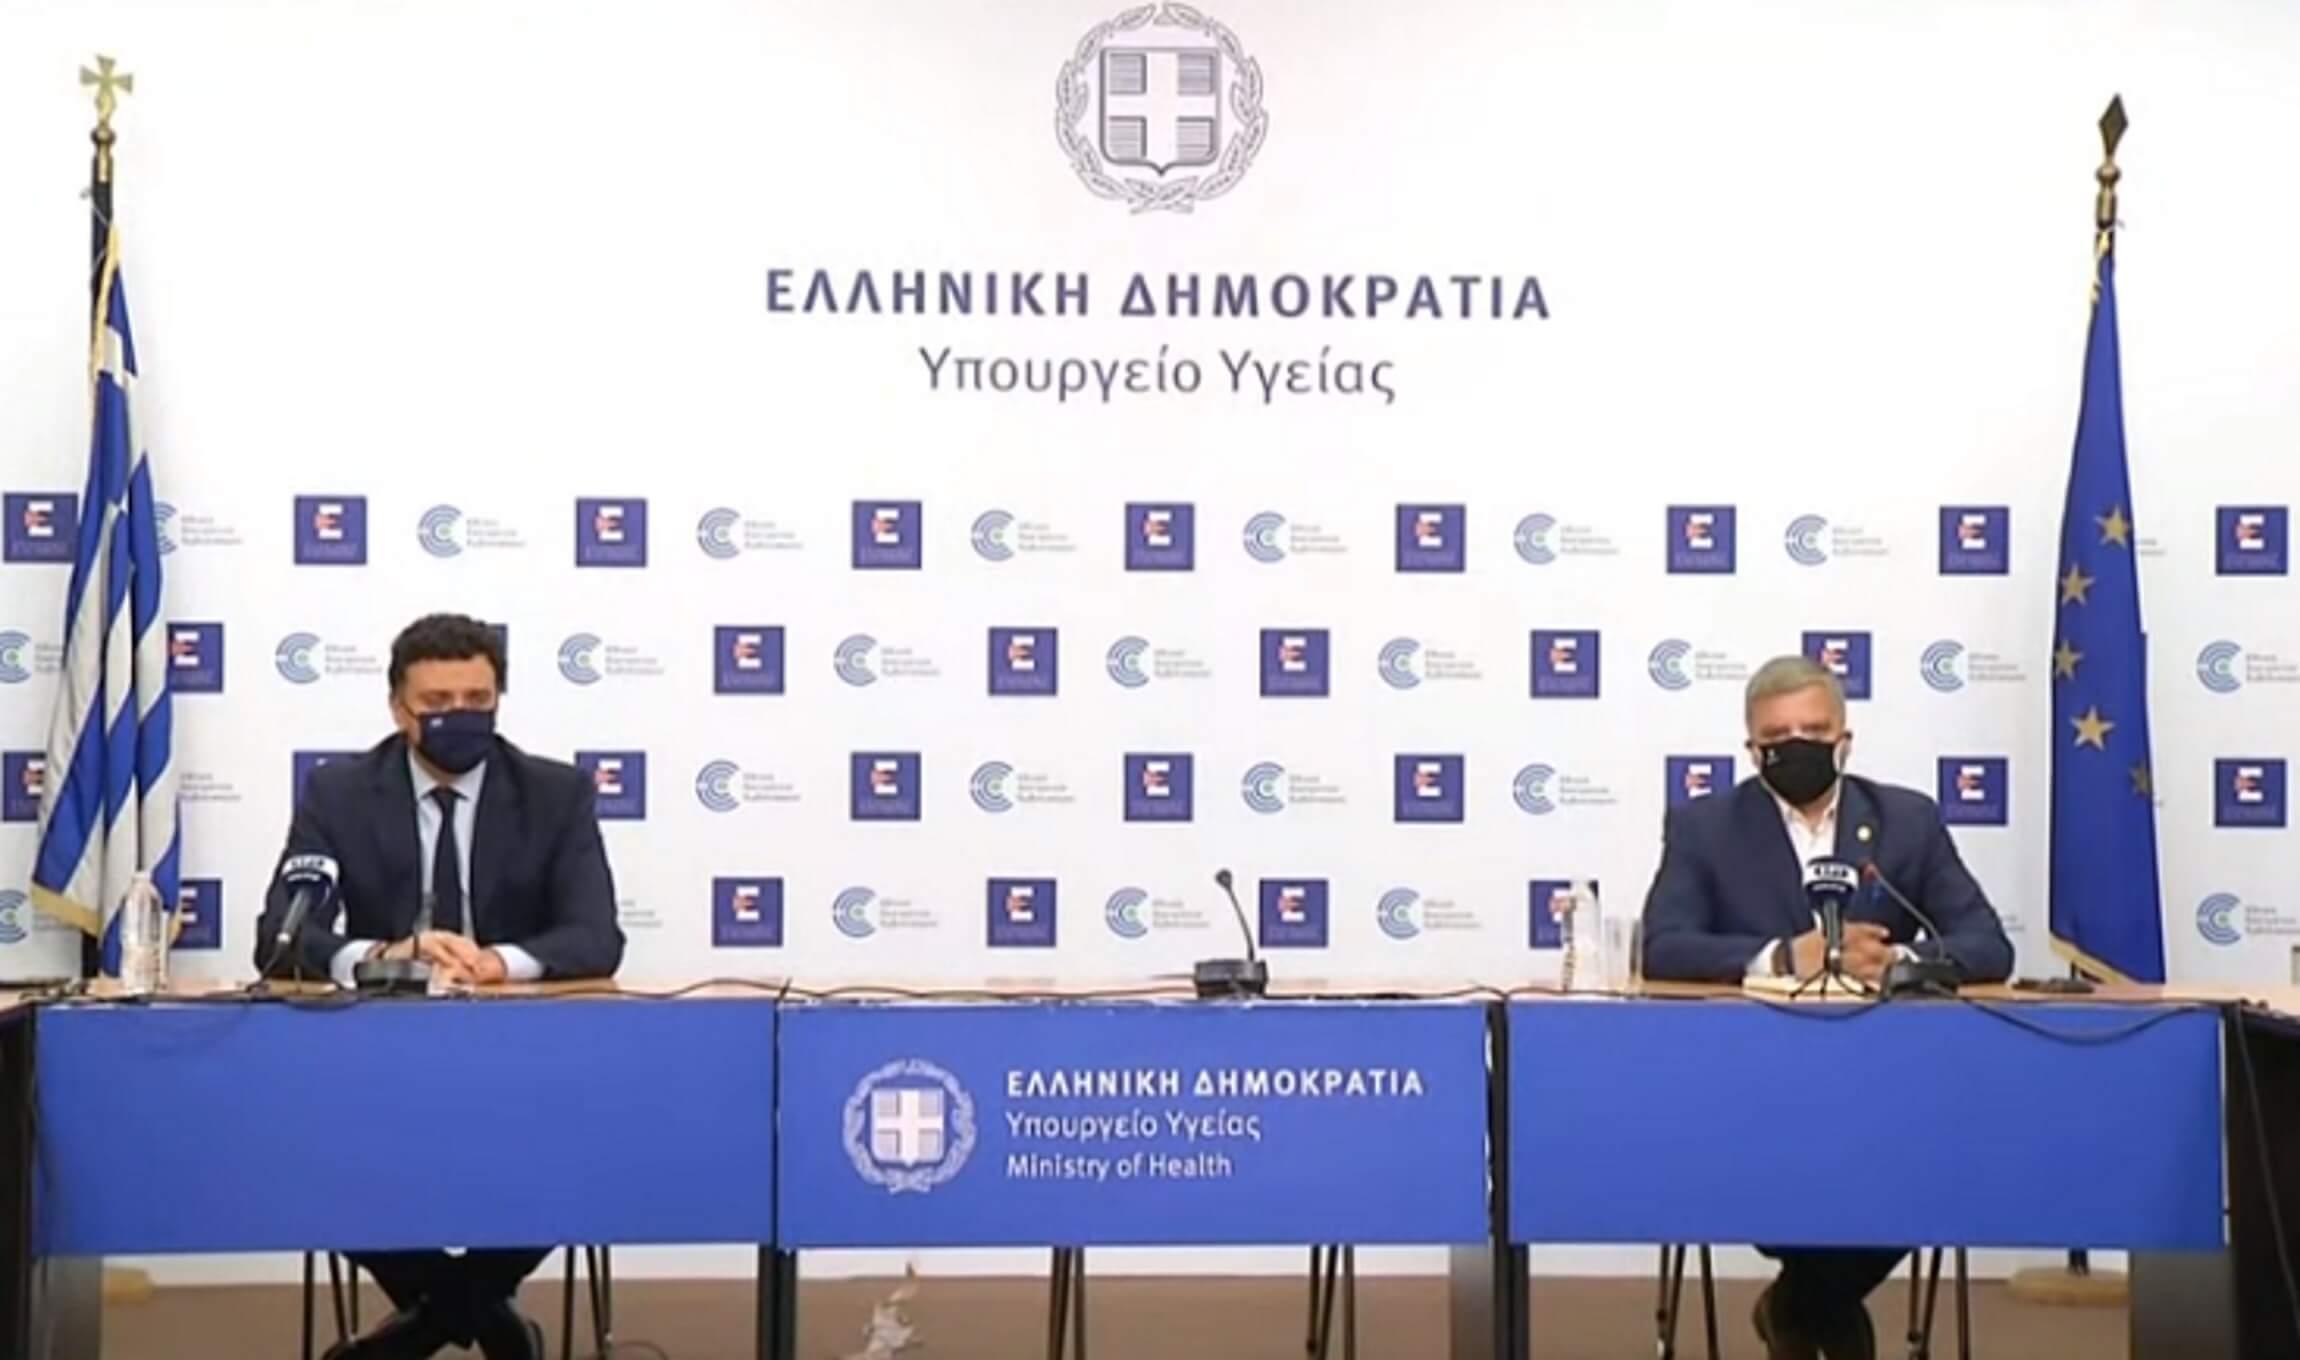 Έκλεισε η ημερομηνία των διερευνητικών επαφών Ελλάδας-Τουρκίας